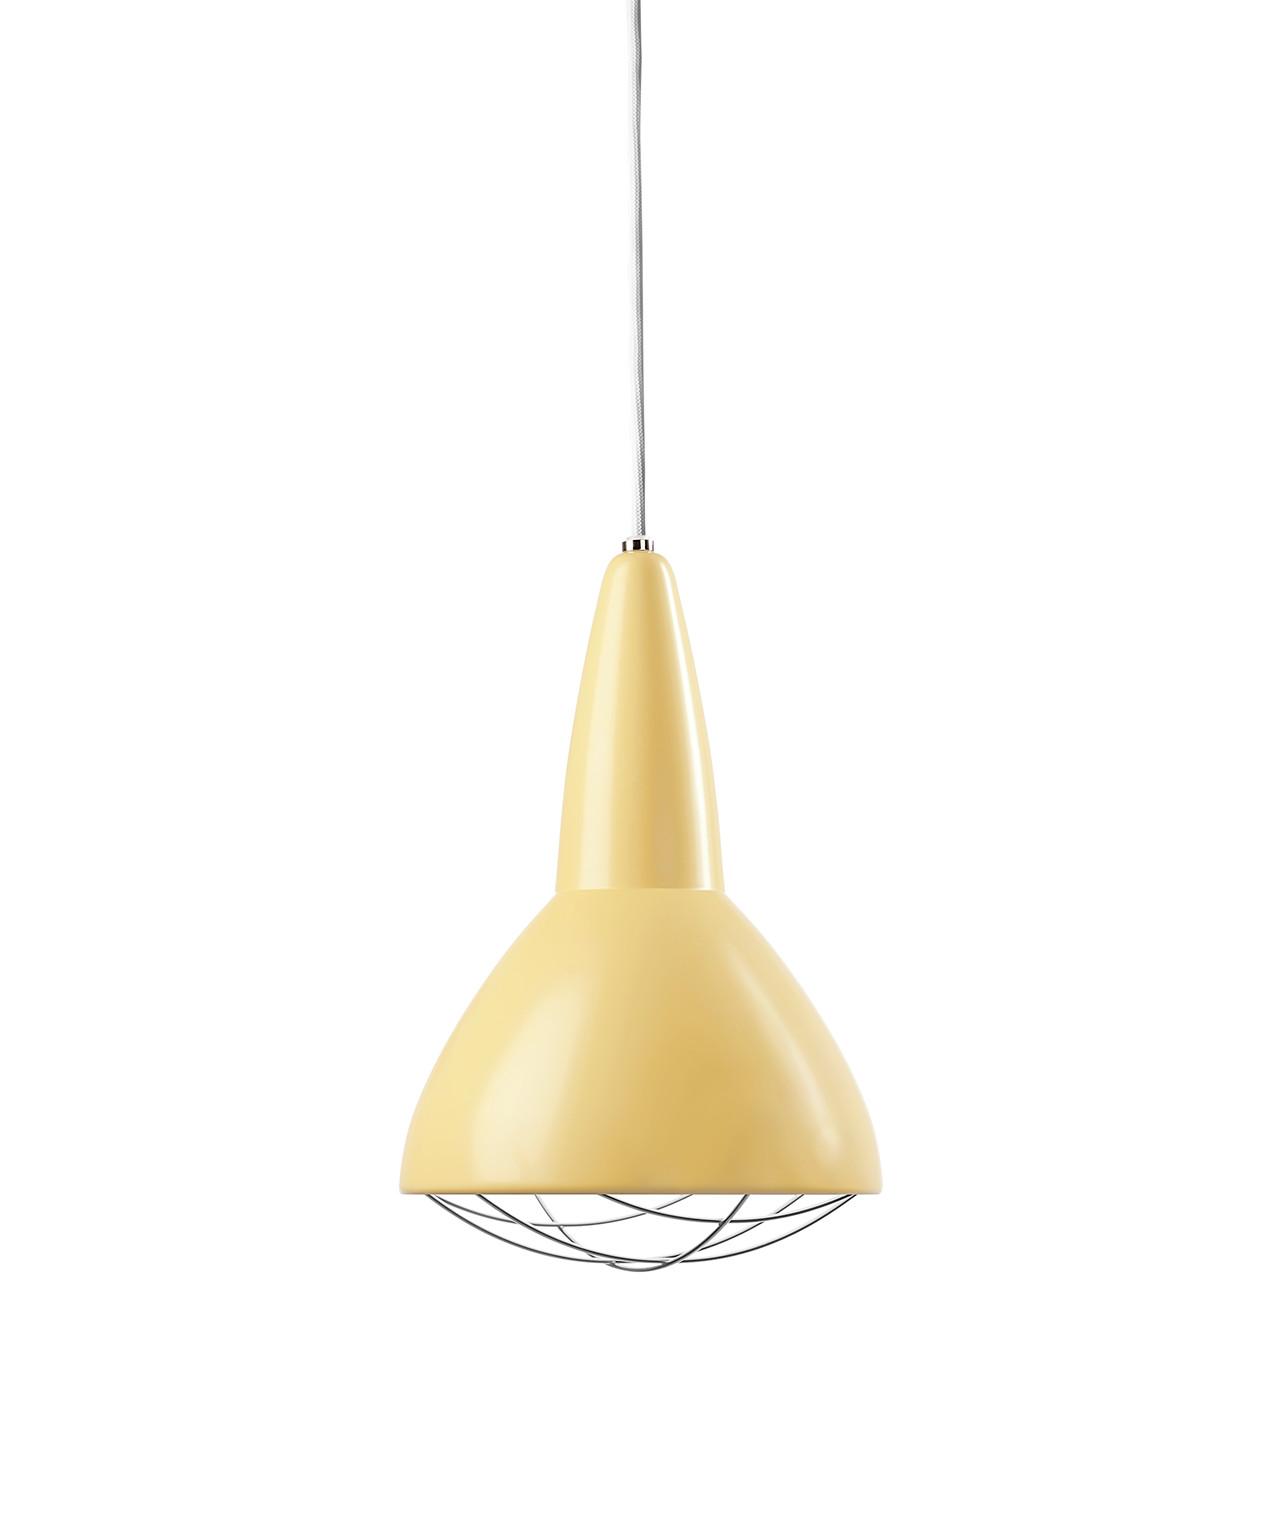 grid pendelleuchte gelb cph lighting. Black Bedroom Furniture Sets. Home Design Ideas